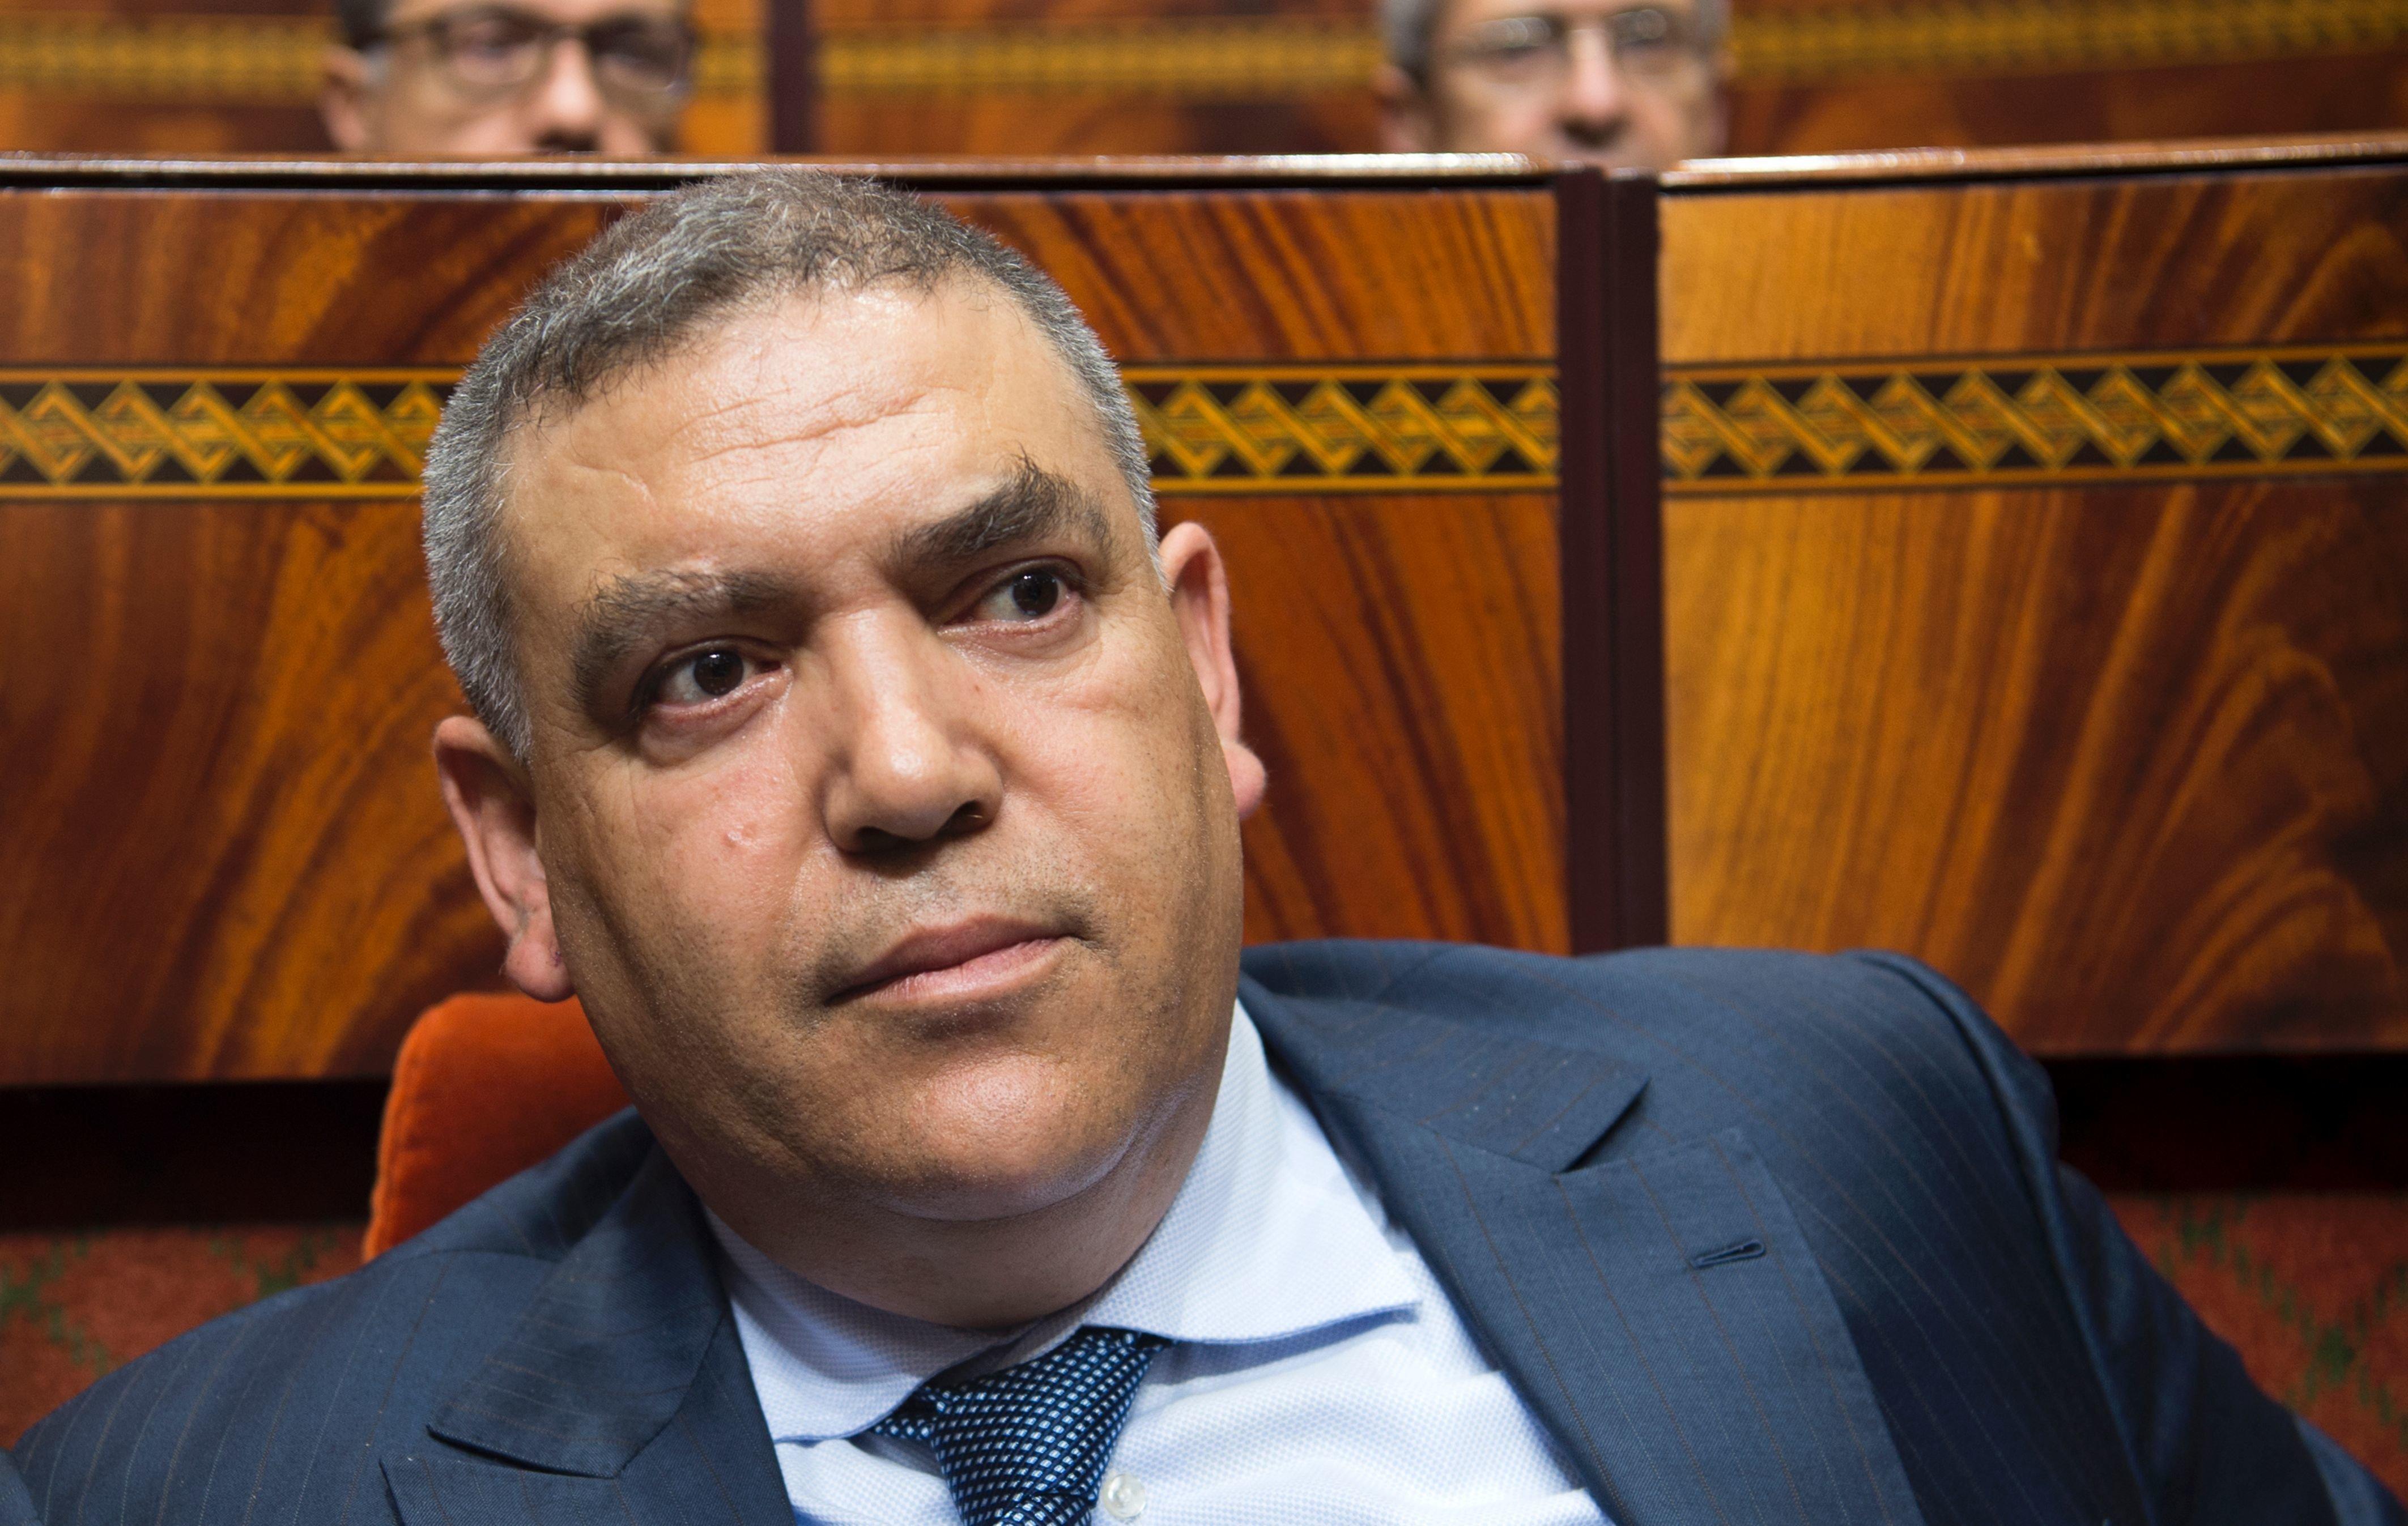 Laftit suspend le conseil de la région Guelmim-Oued Noun